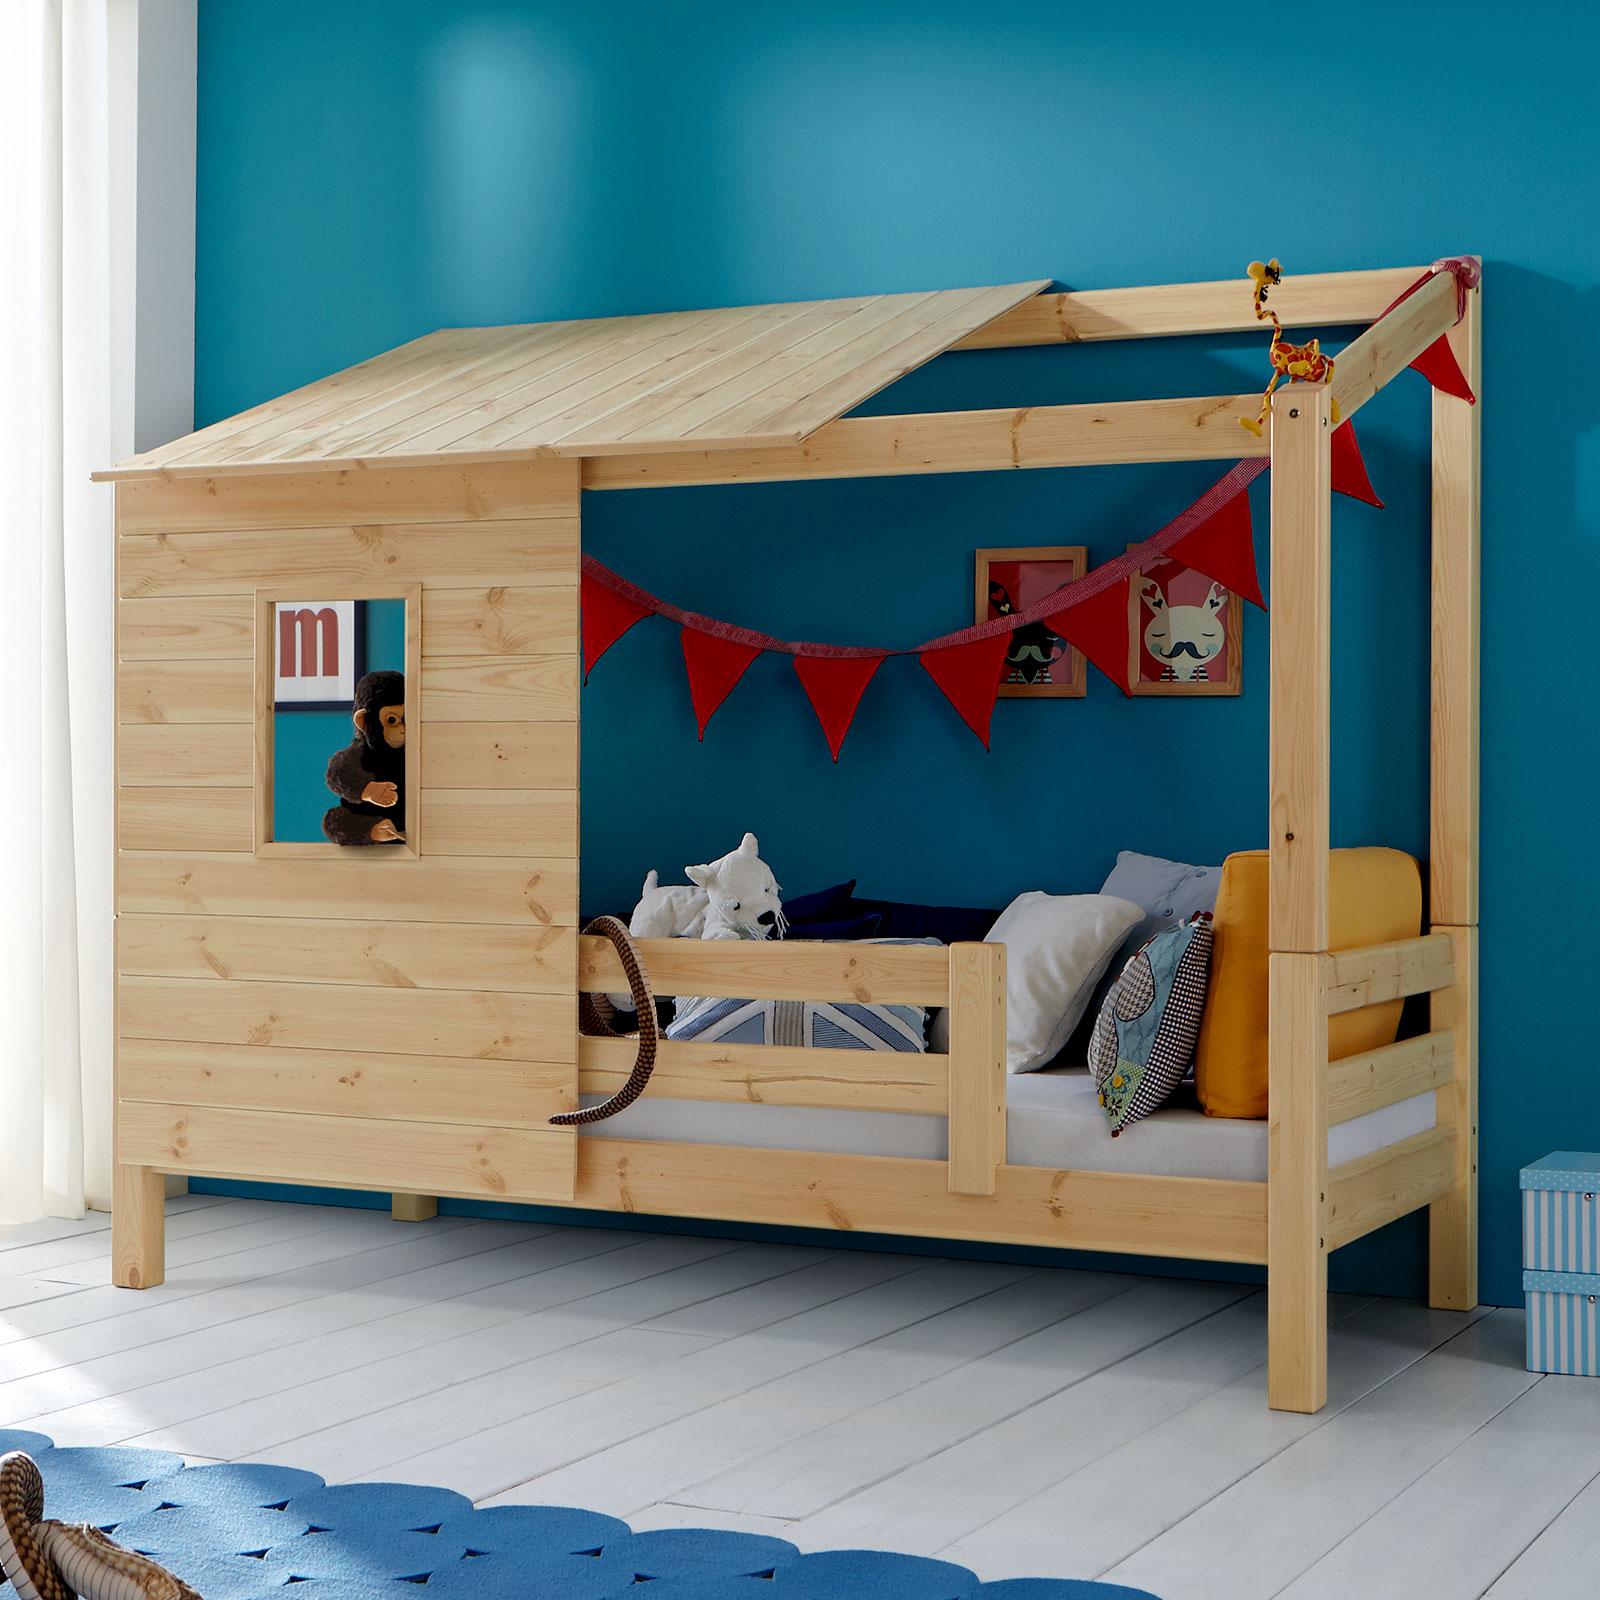 Kinderbett häuschen  Abenteuerbett mit Spielhaus aus Holz - Kids Paradise